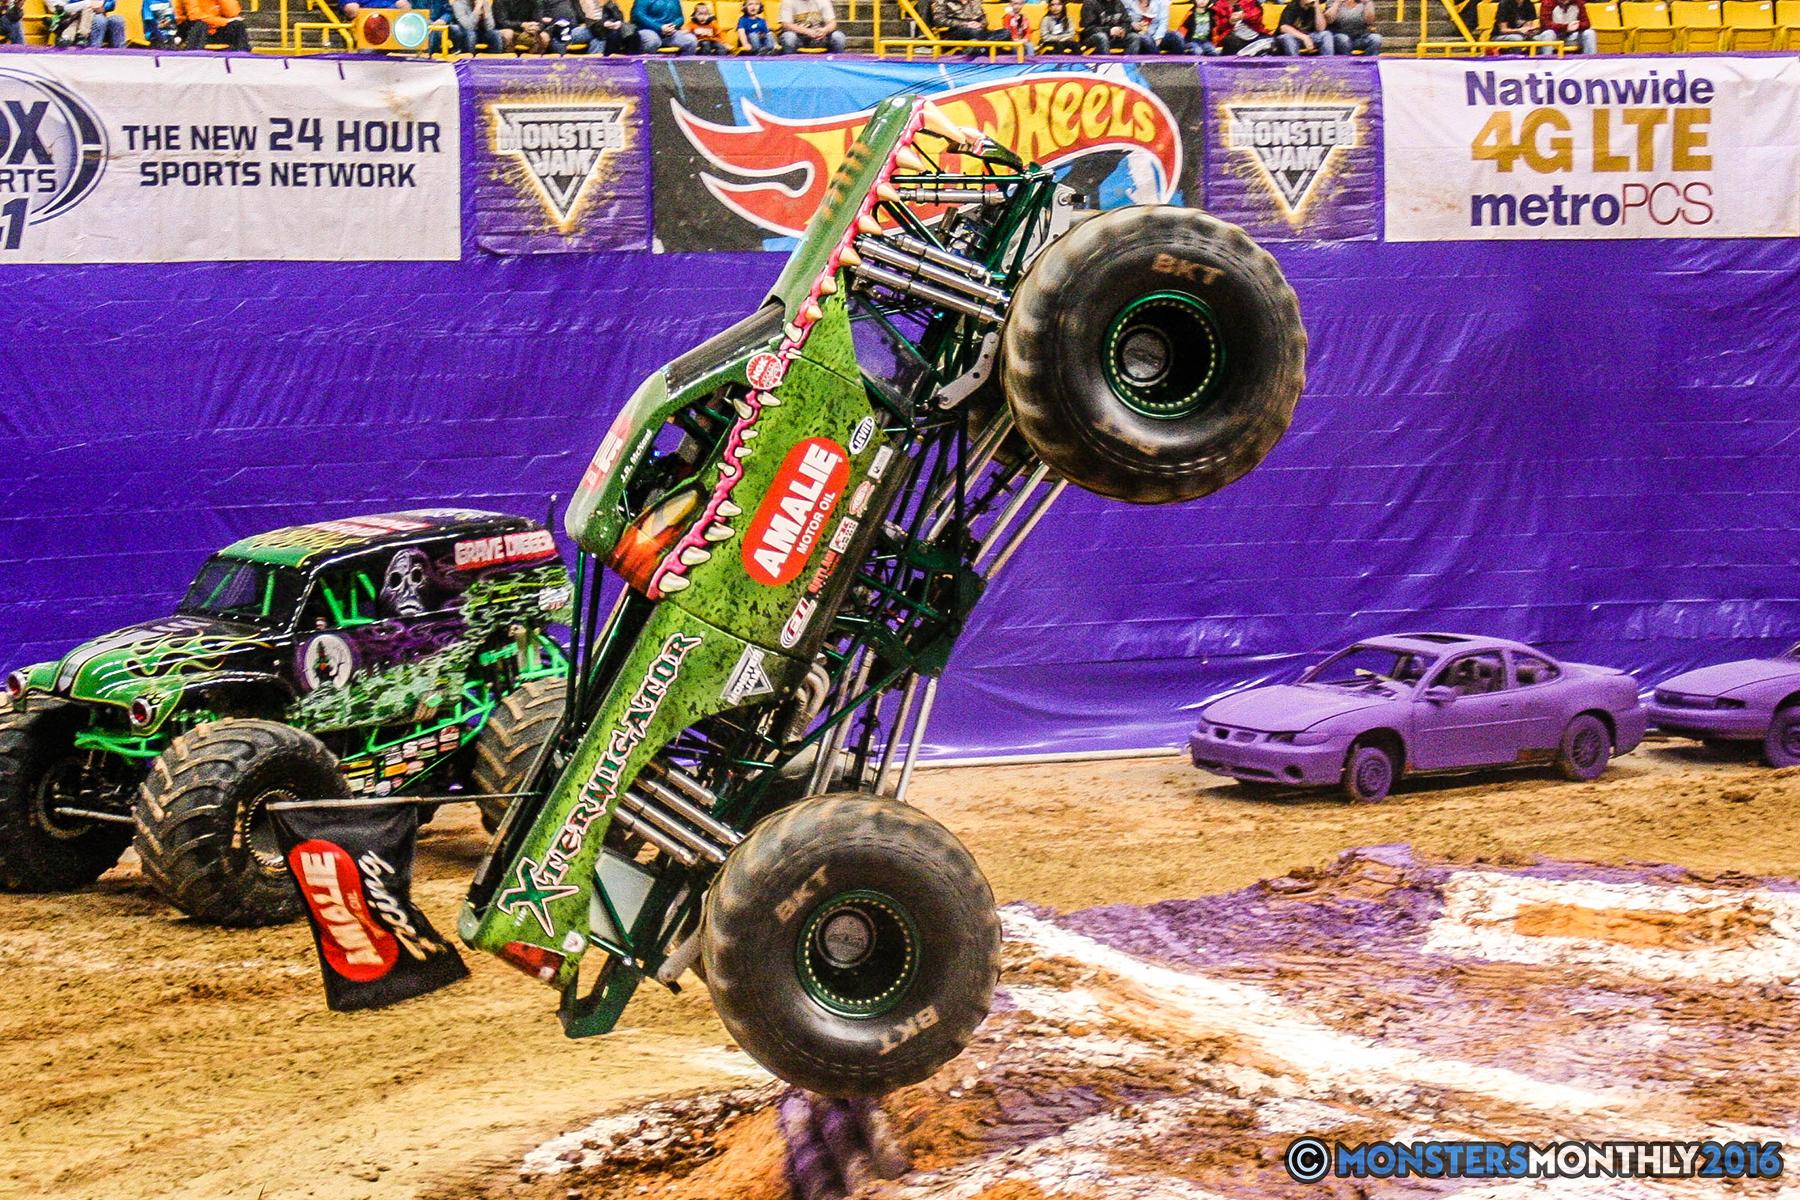 21-monster-jam-utc-mckenzie-arena-chattanooga-tennessee-monstersmonthly-monster-truck-race-gravedigger-monstermutt-xtermigator-razin-kane-doomsday-captainscurse-2016.jpg